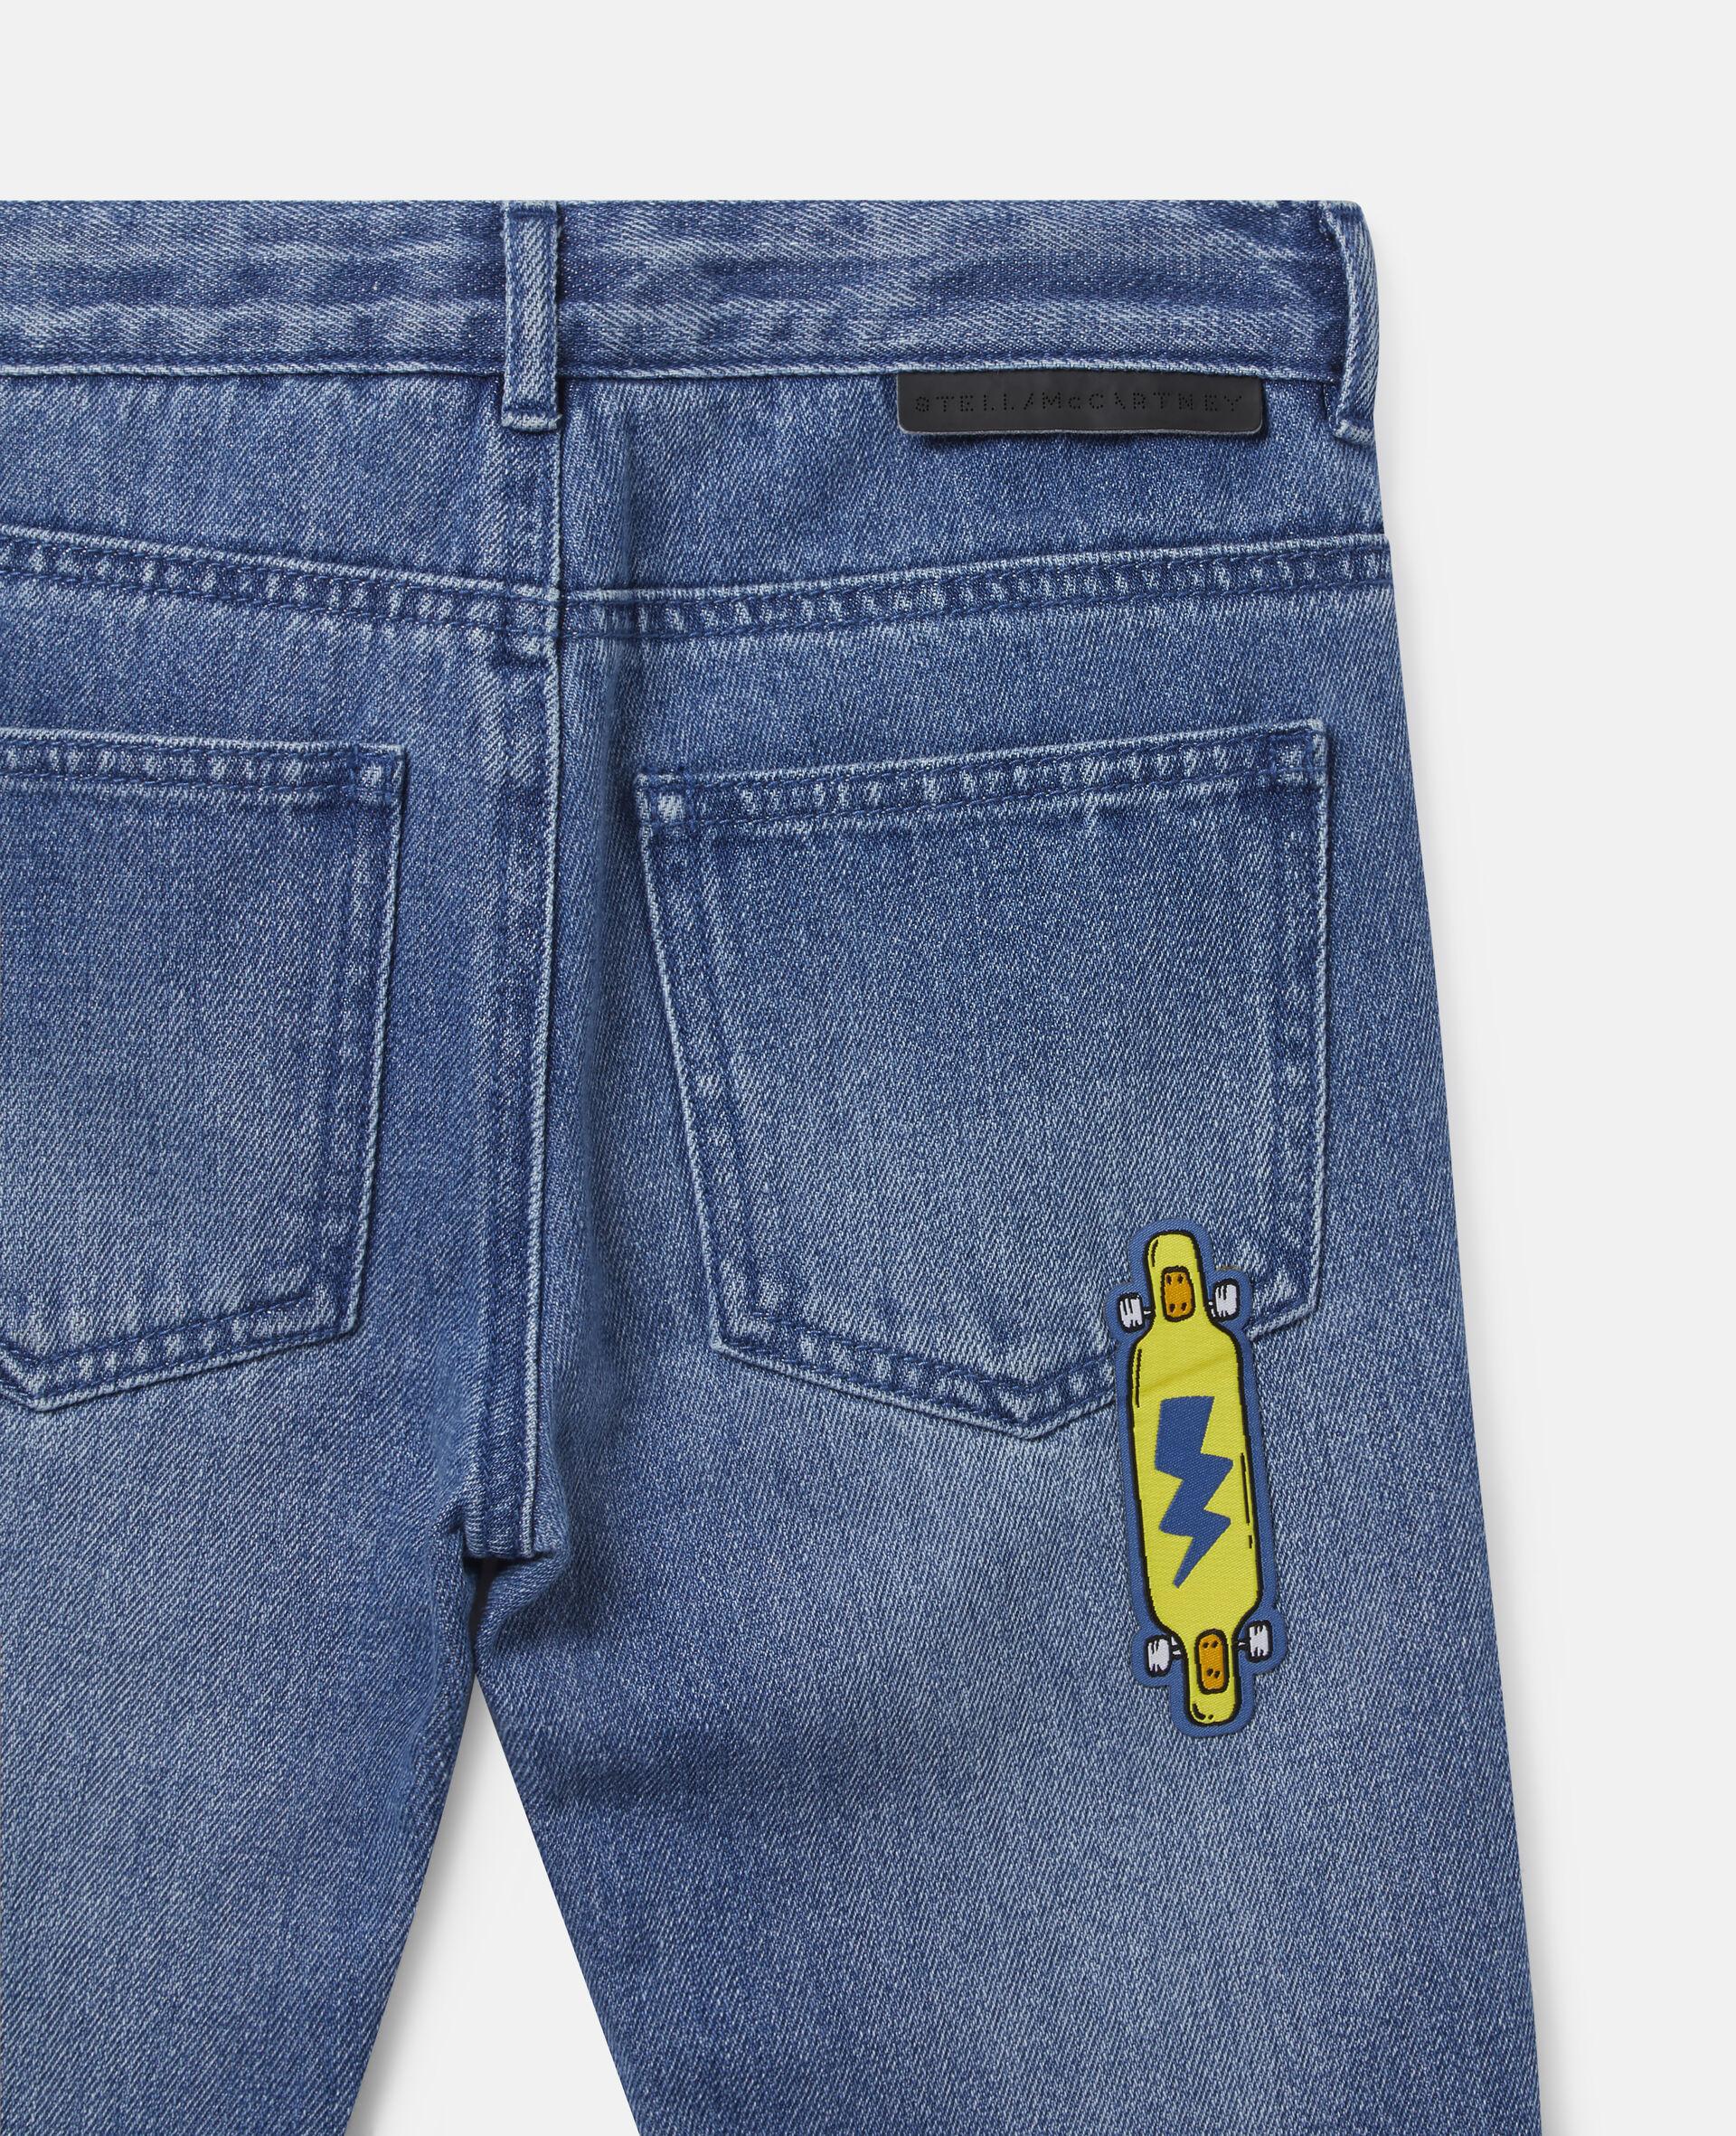 Skates Badges Denim Trousers-Blue-large image number 2